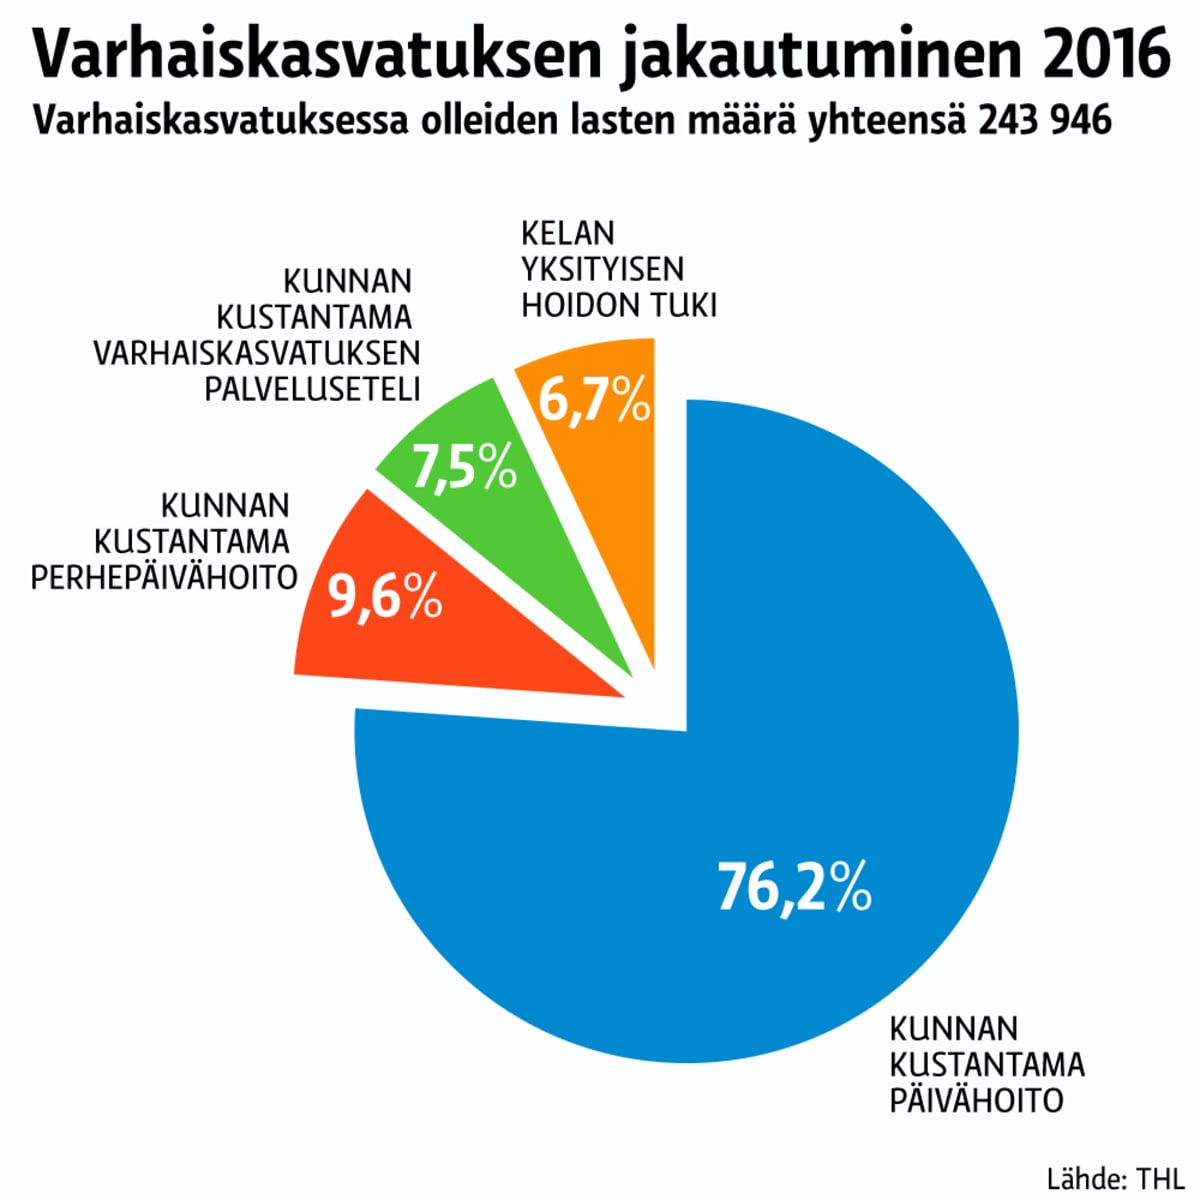 Tilastografiikka varhaiskasvatuksen jakautumisesta.